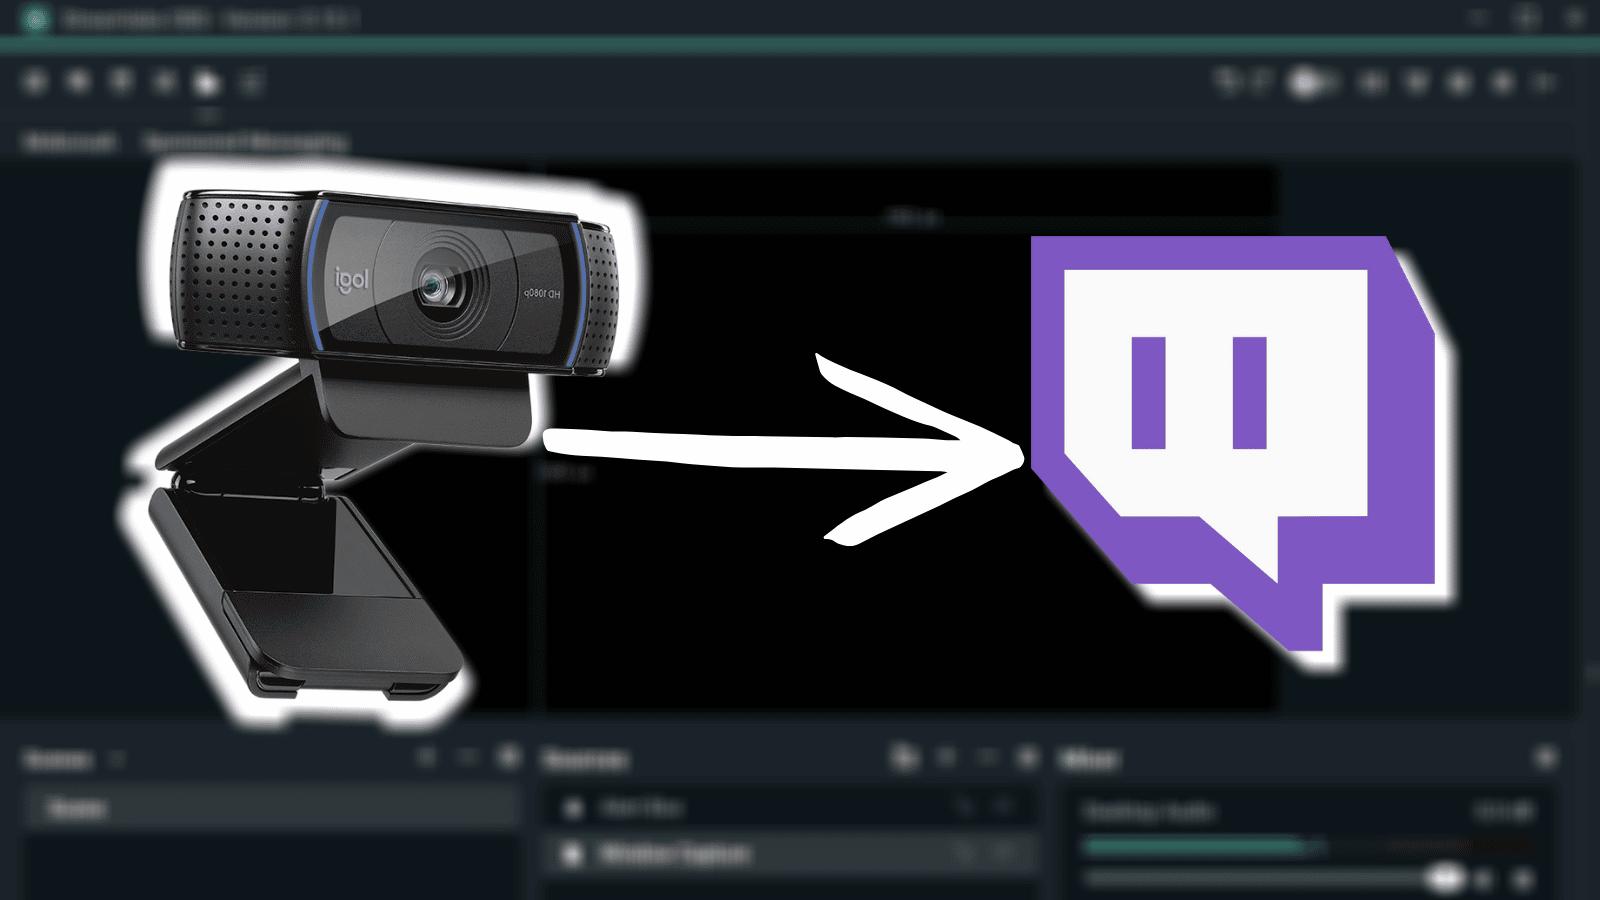 set up your webcam